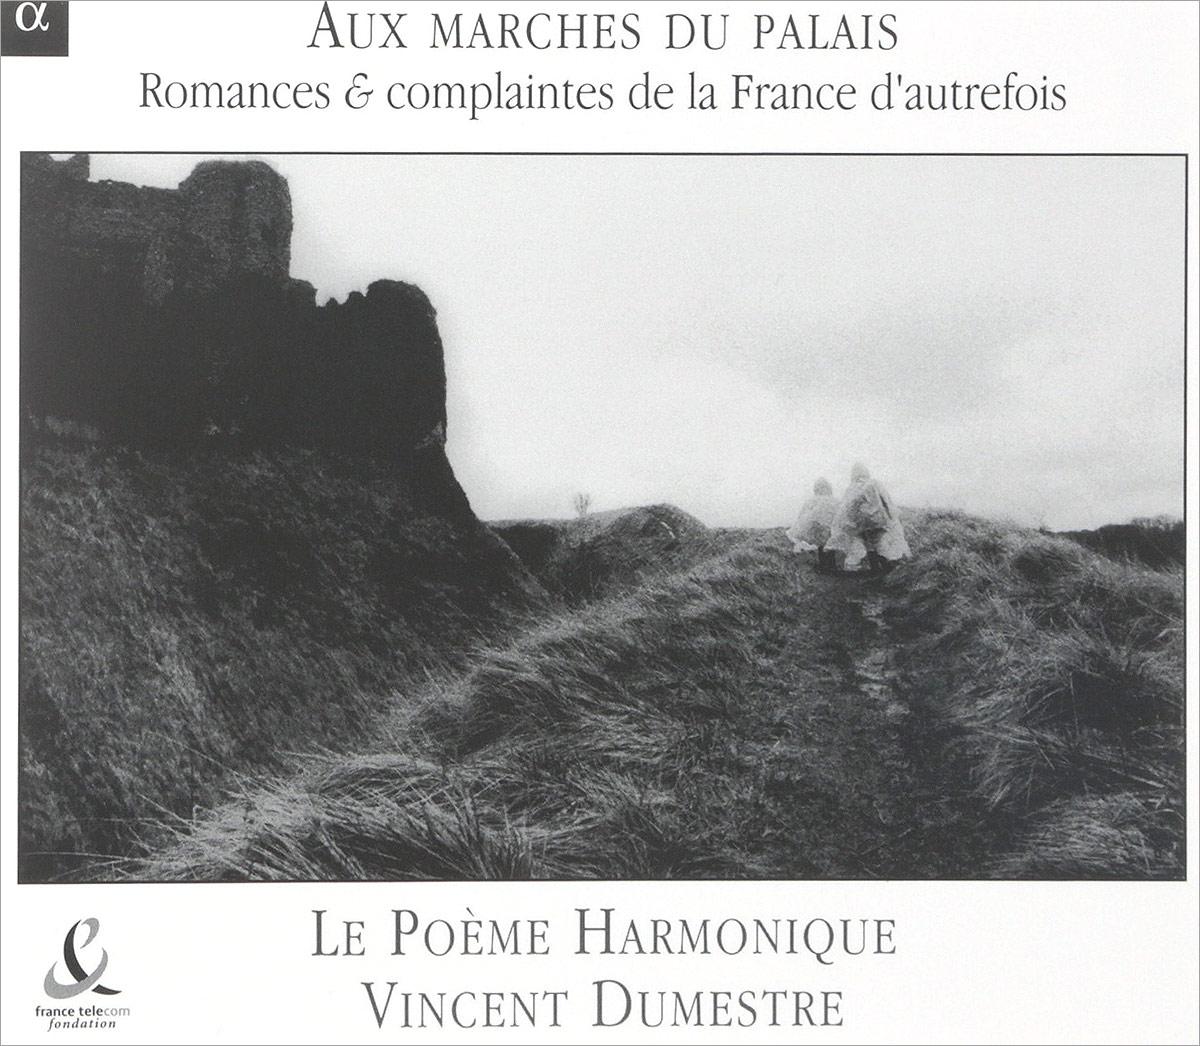 VARIOUS. AUX MARCHES DU PALAIS, ROMANCES & COMPLAINTES DE LA FRANCE D'AUTREFOIS / LE POEME HARMONIQUE/ V. DUMESTRE. 1 louis charles marie emmanuel artaud haussmann wartburgkrieg le tournoi poetique de la wertburg poeme allemand du treizieme siecle